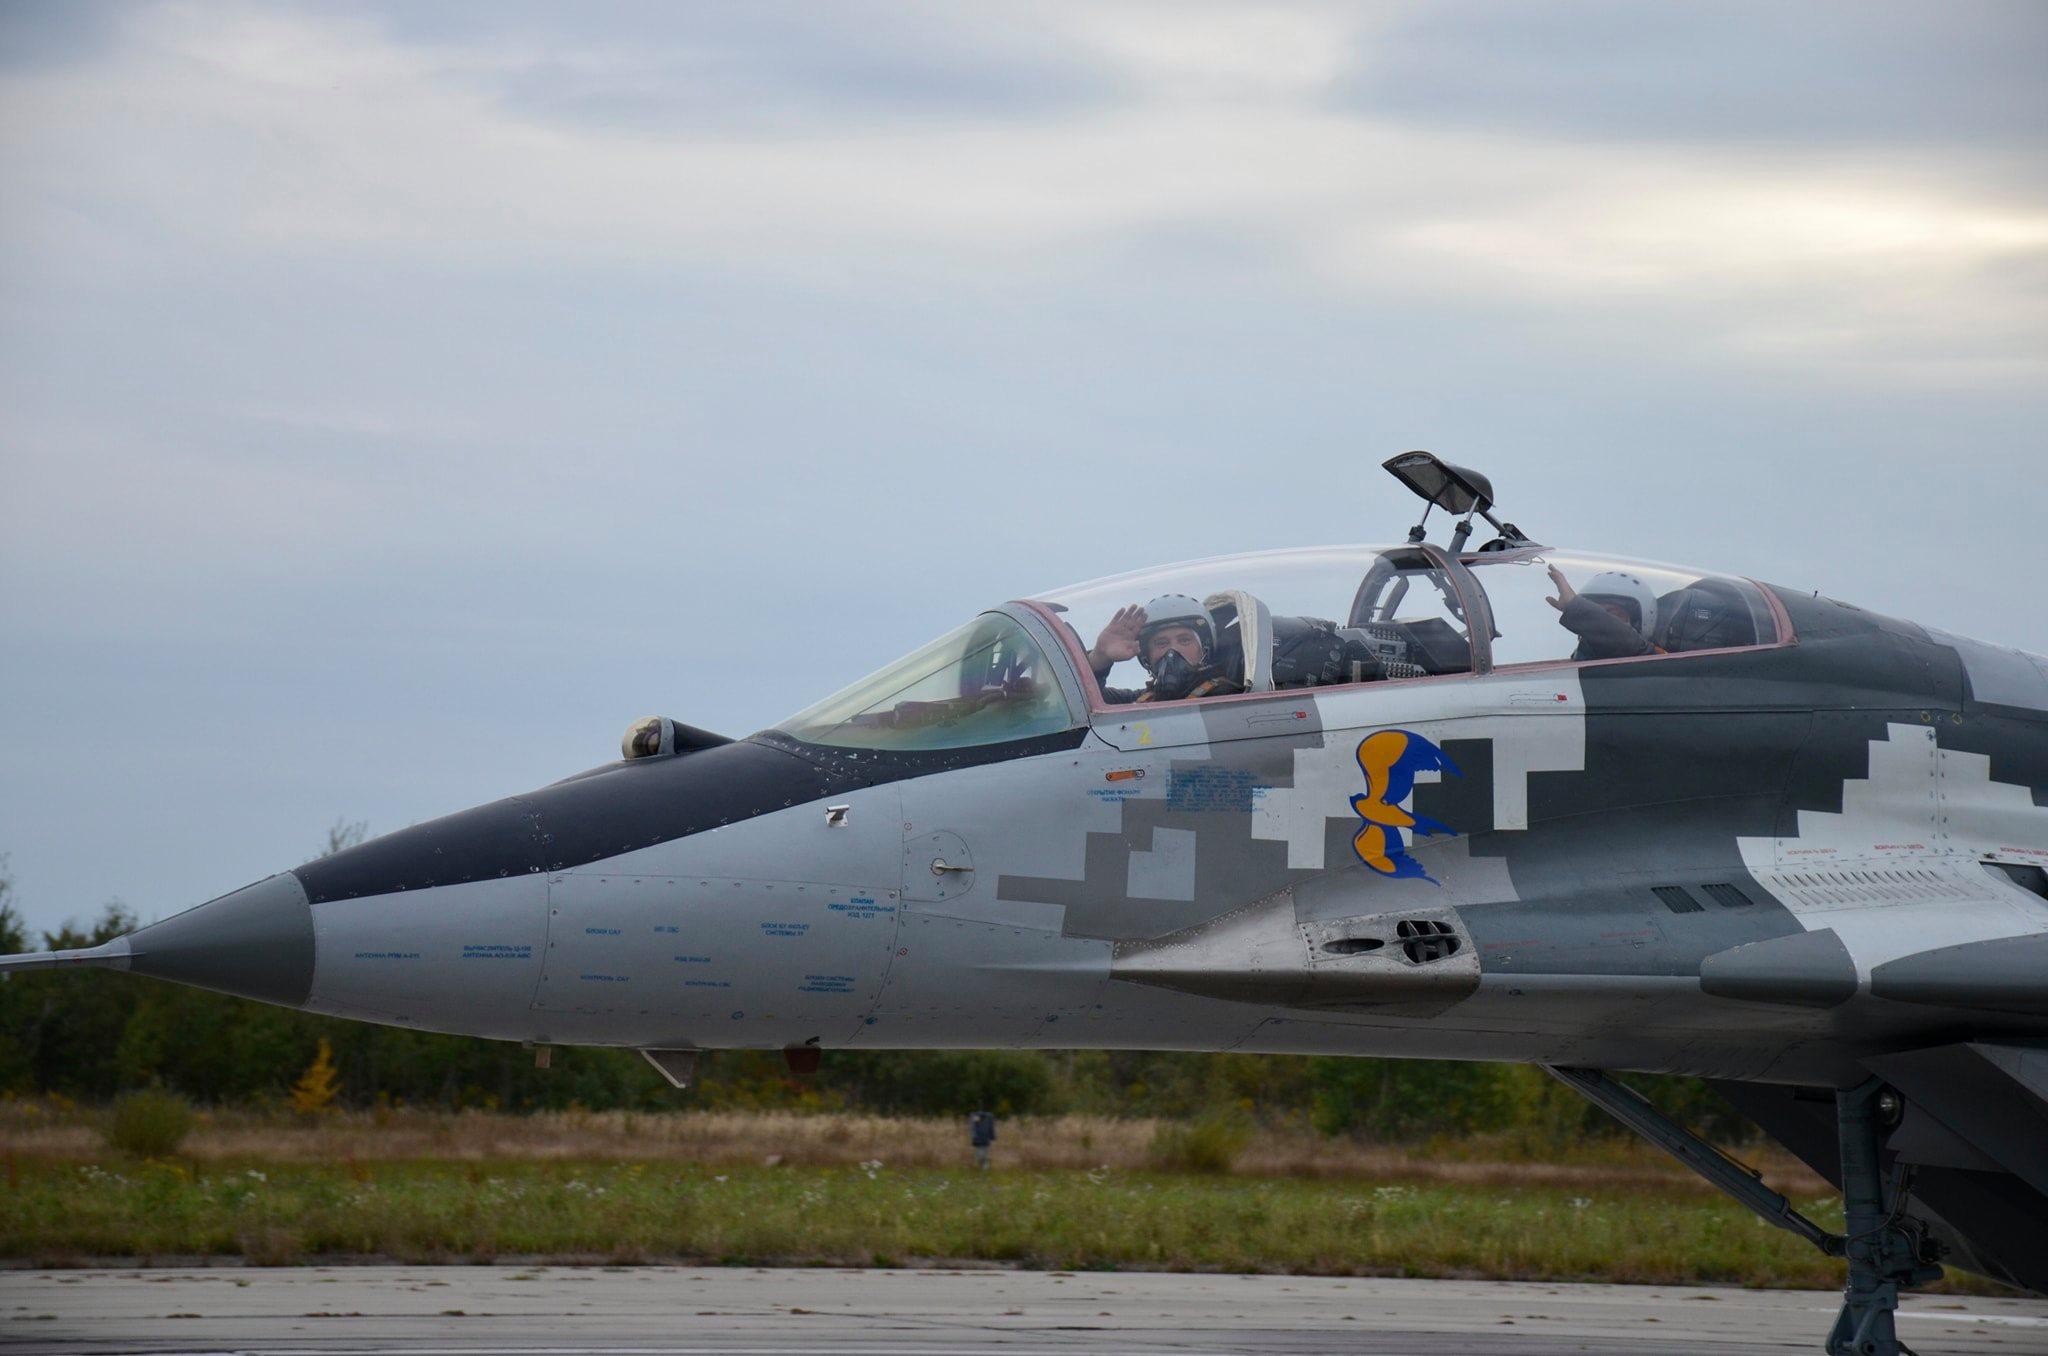 Франківські школярі побували на військовому летовищі під час польотів (ФОТО)